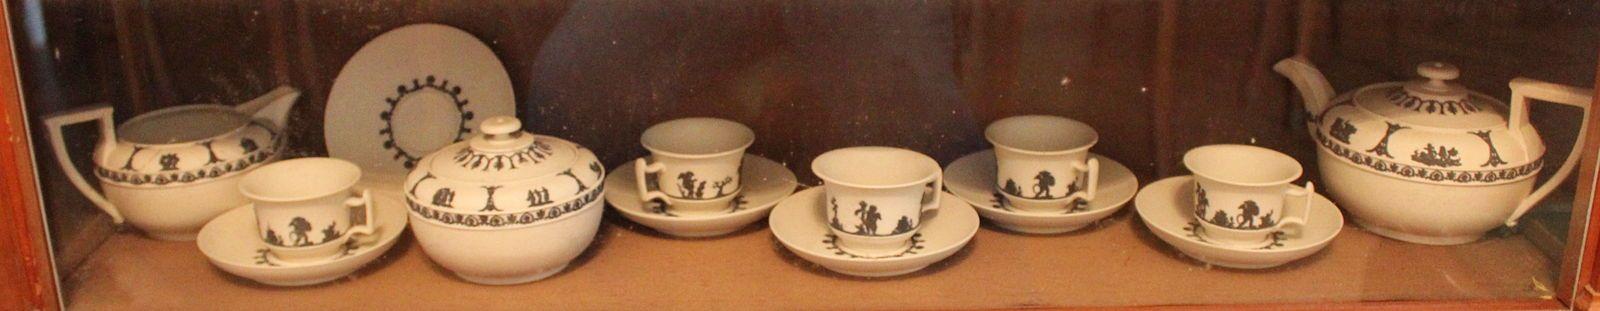 Partie de rare service à thé en Wedgwood